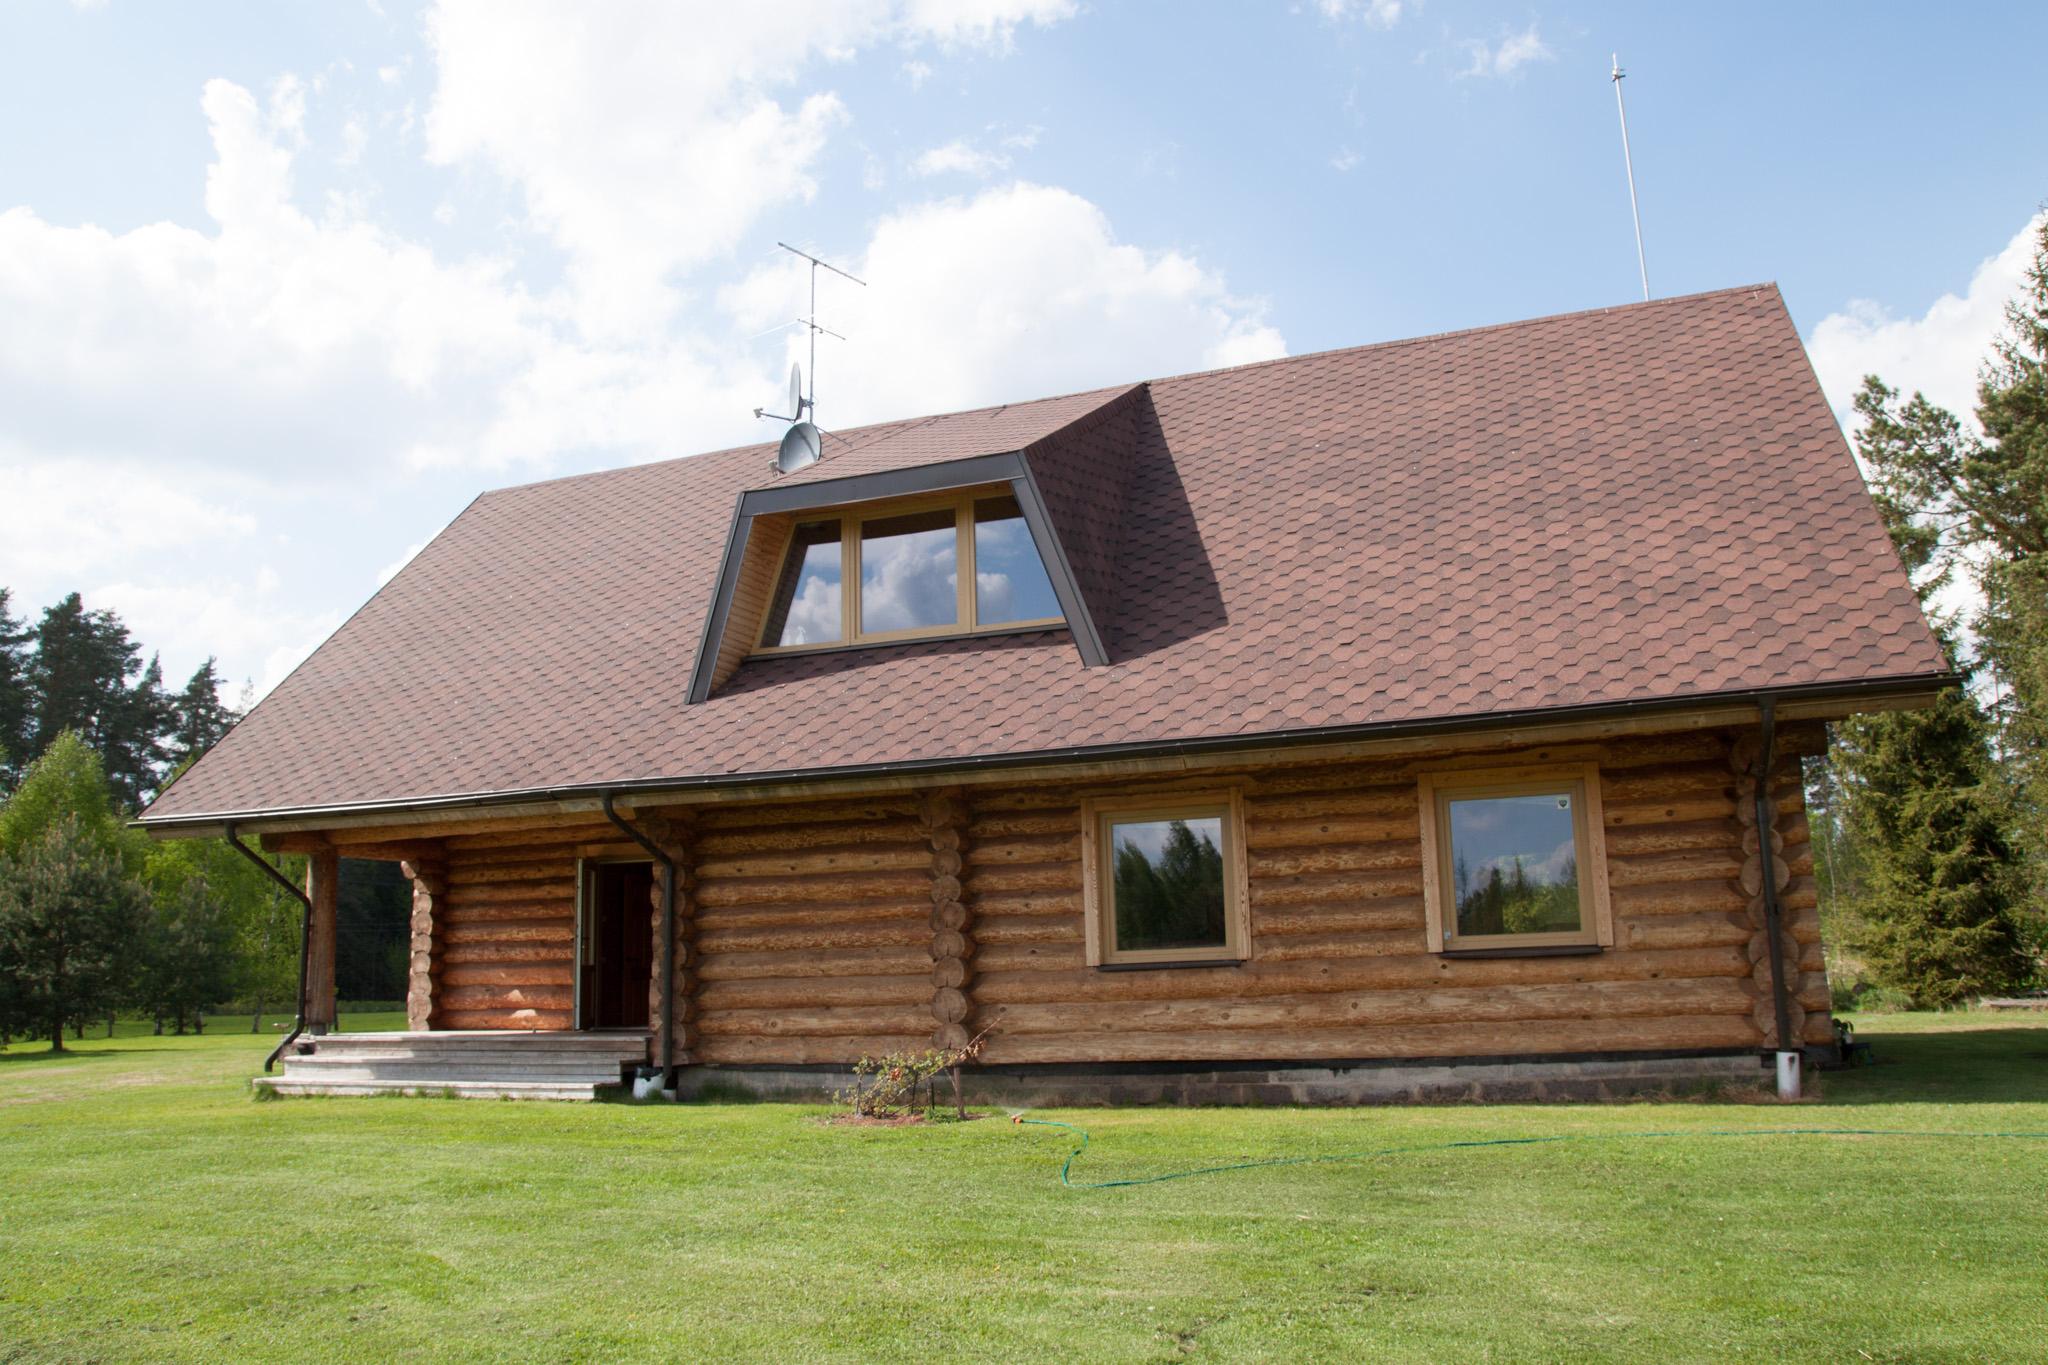 Ferienhaus in der Nahe der Riga die von Waldern umgeben ist